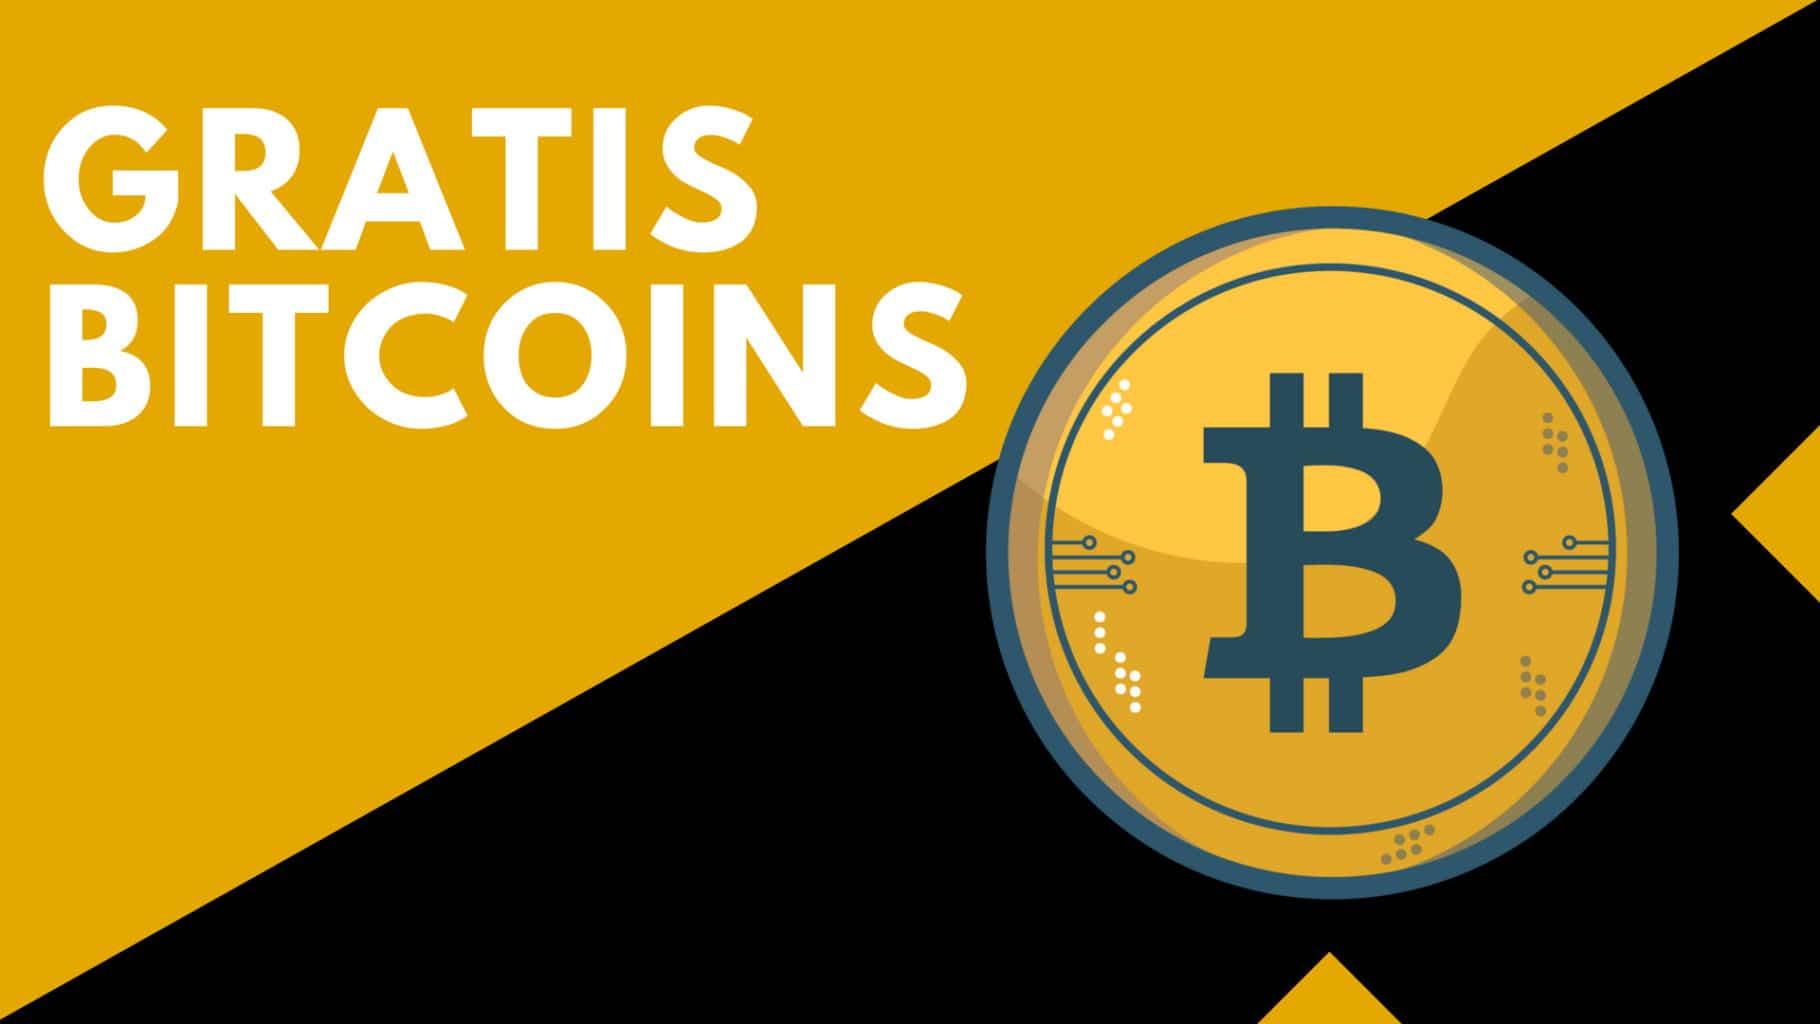 Gratis Bitcoins